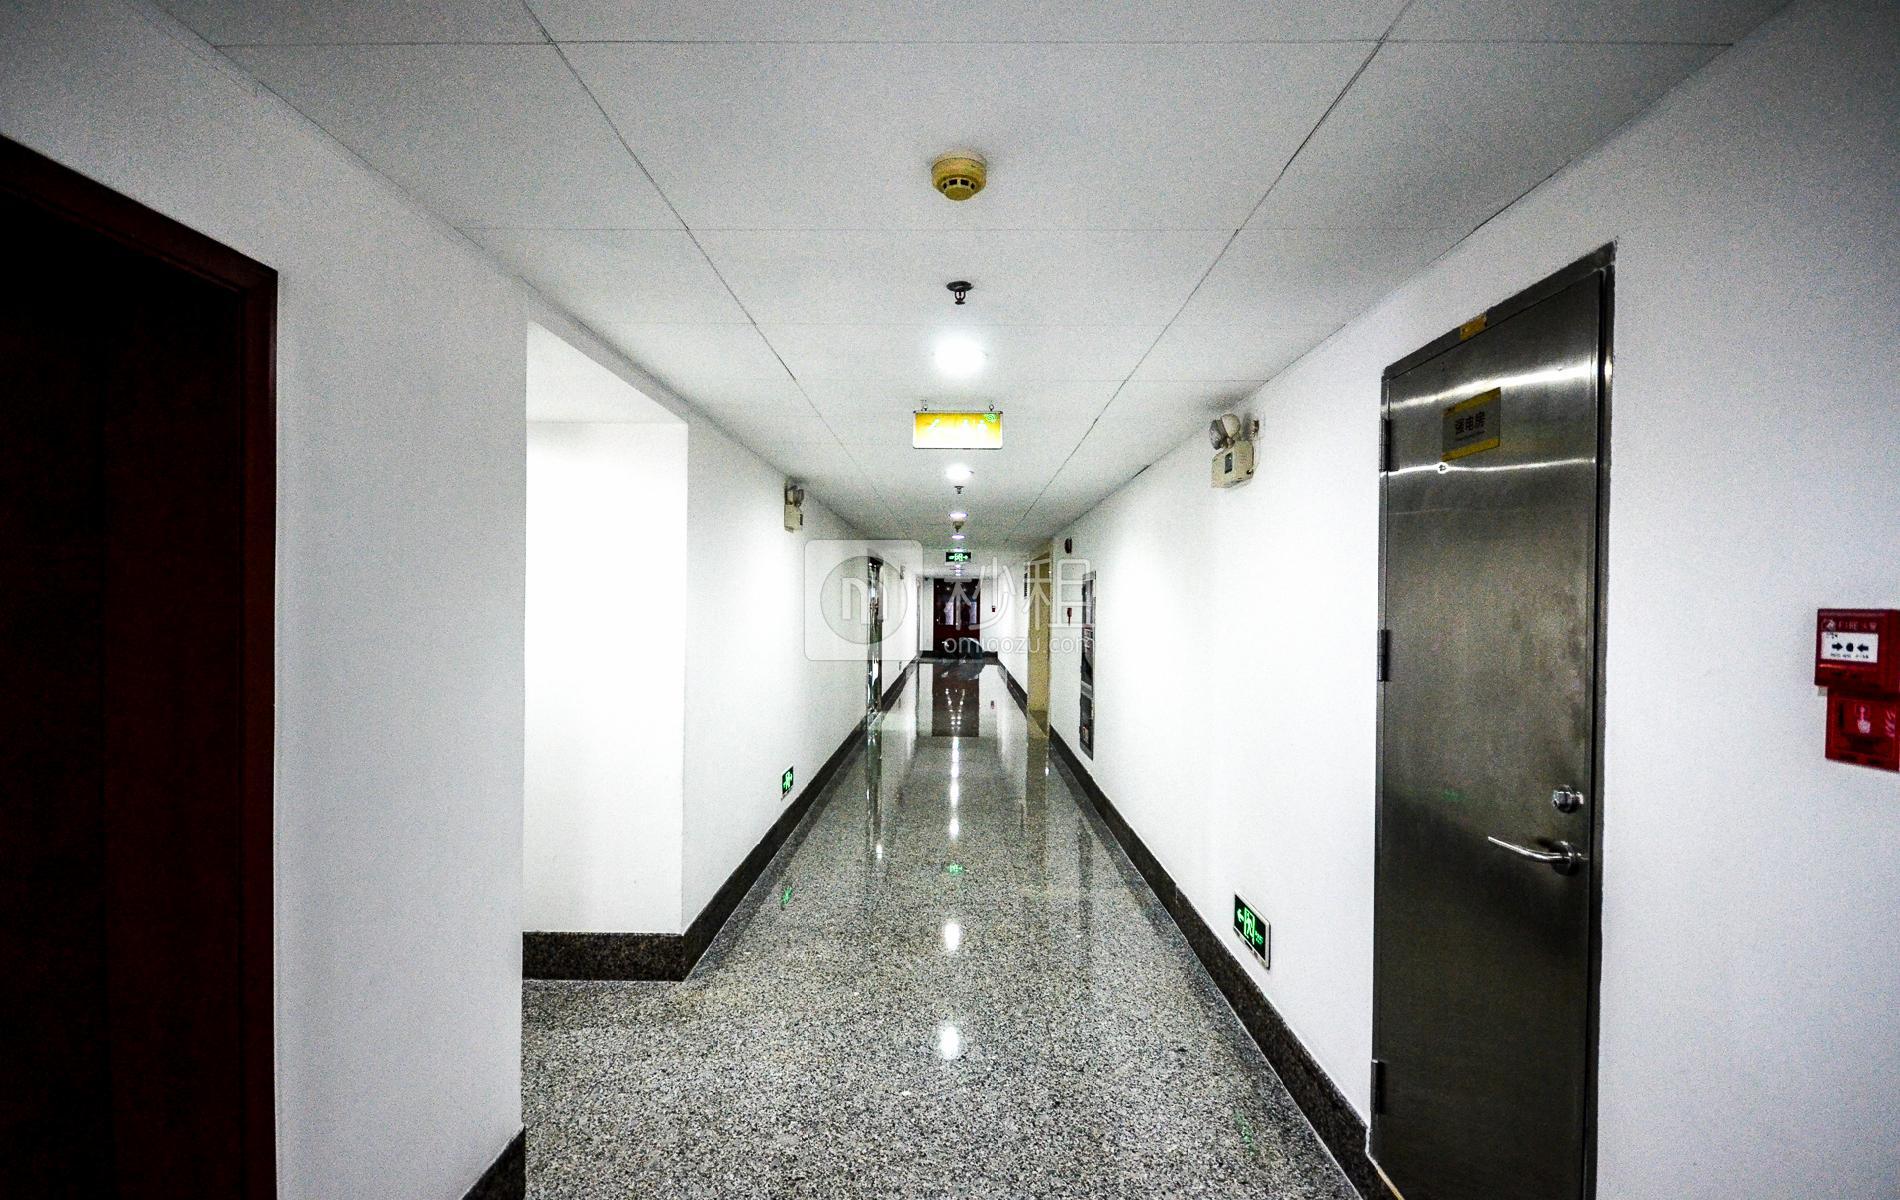 和业广场写字楼出租/招租/租赁,和业广场办公室出租/招租/租赁